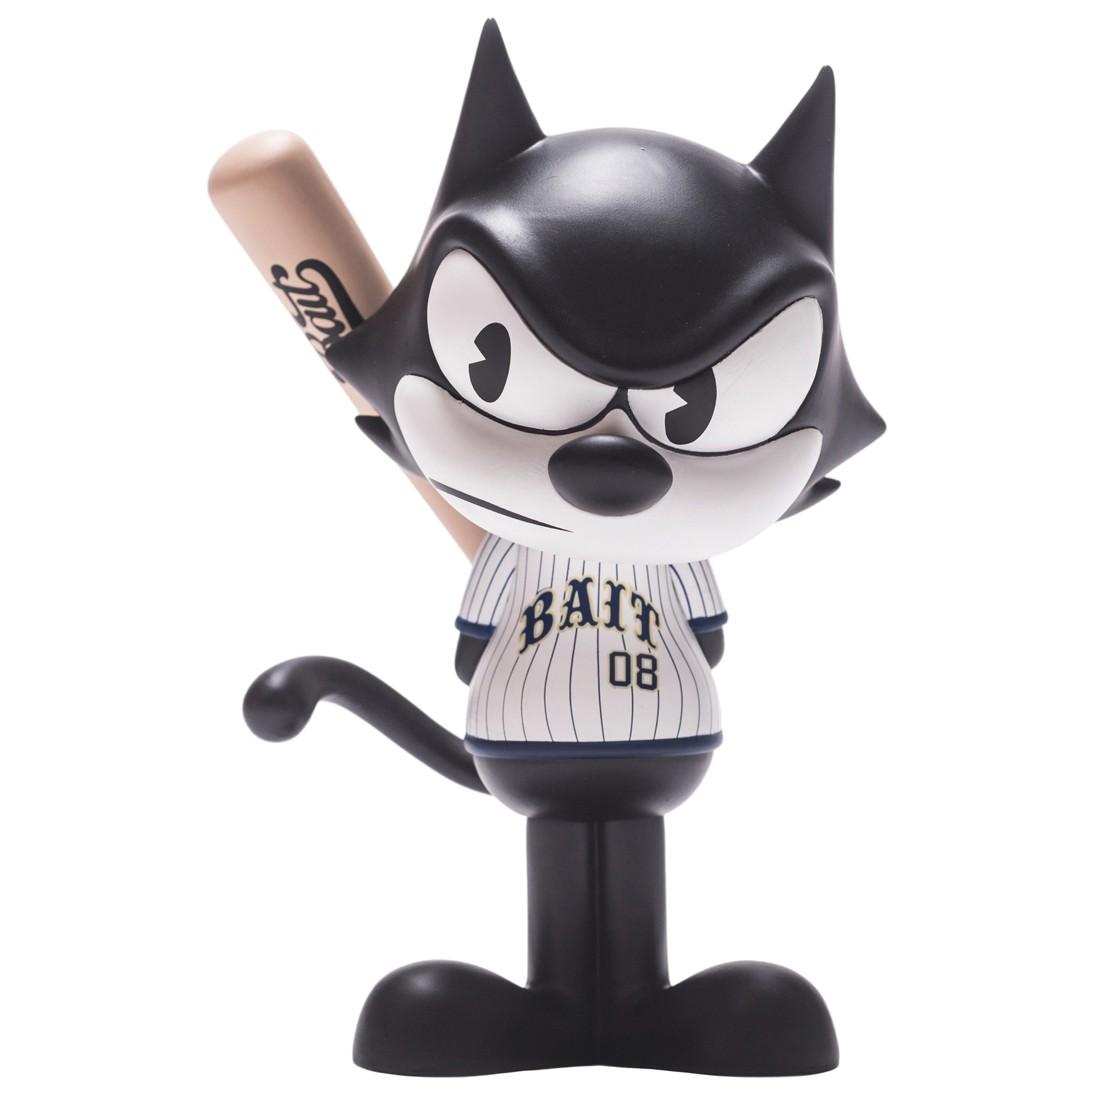 BAIT x Dreamworks x SWITCH Collectibles Felix the Cat Slugger 6 Inch Figure - Denver Exclusive (black / white)